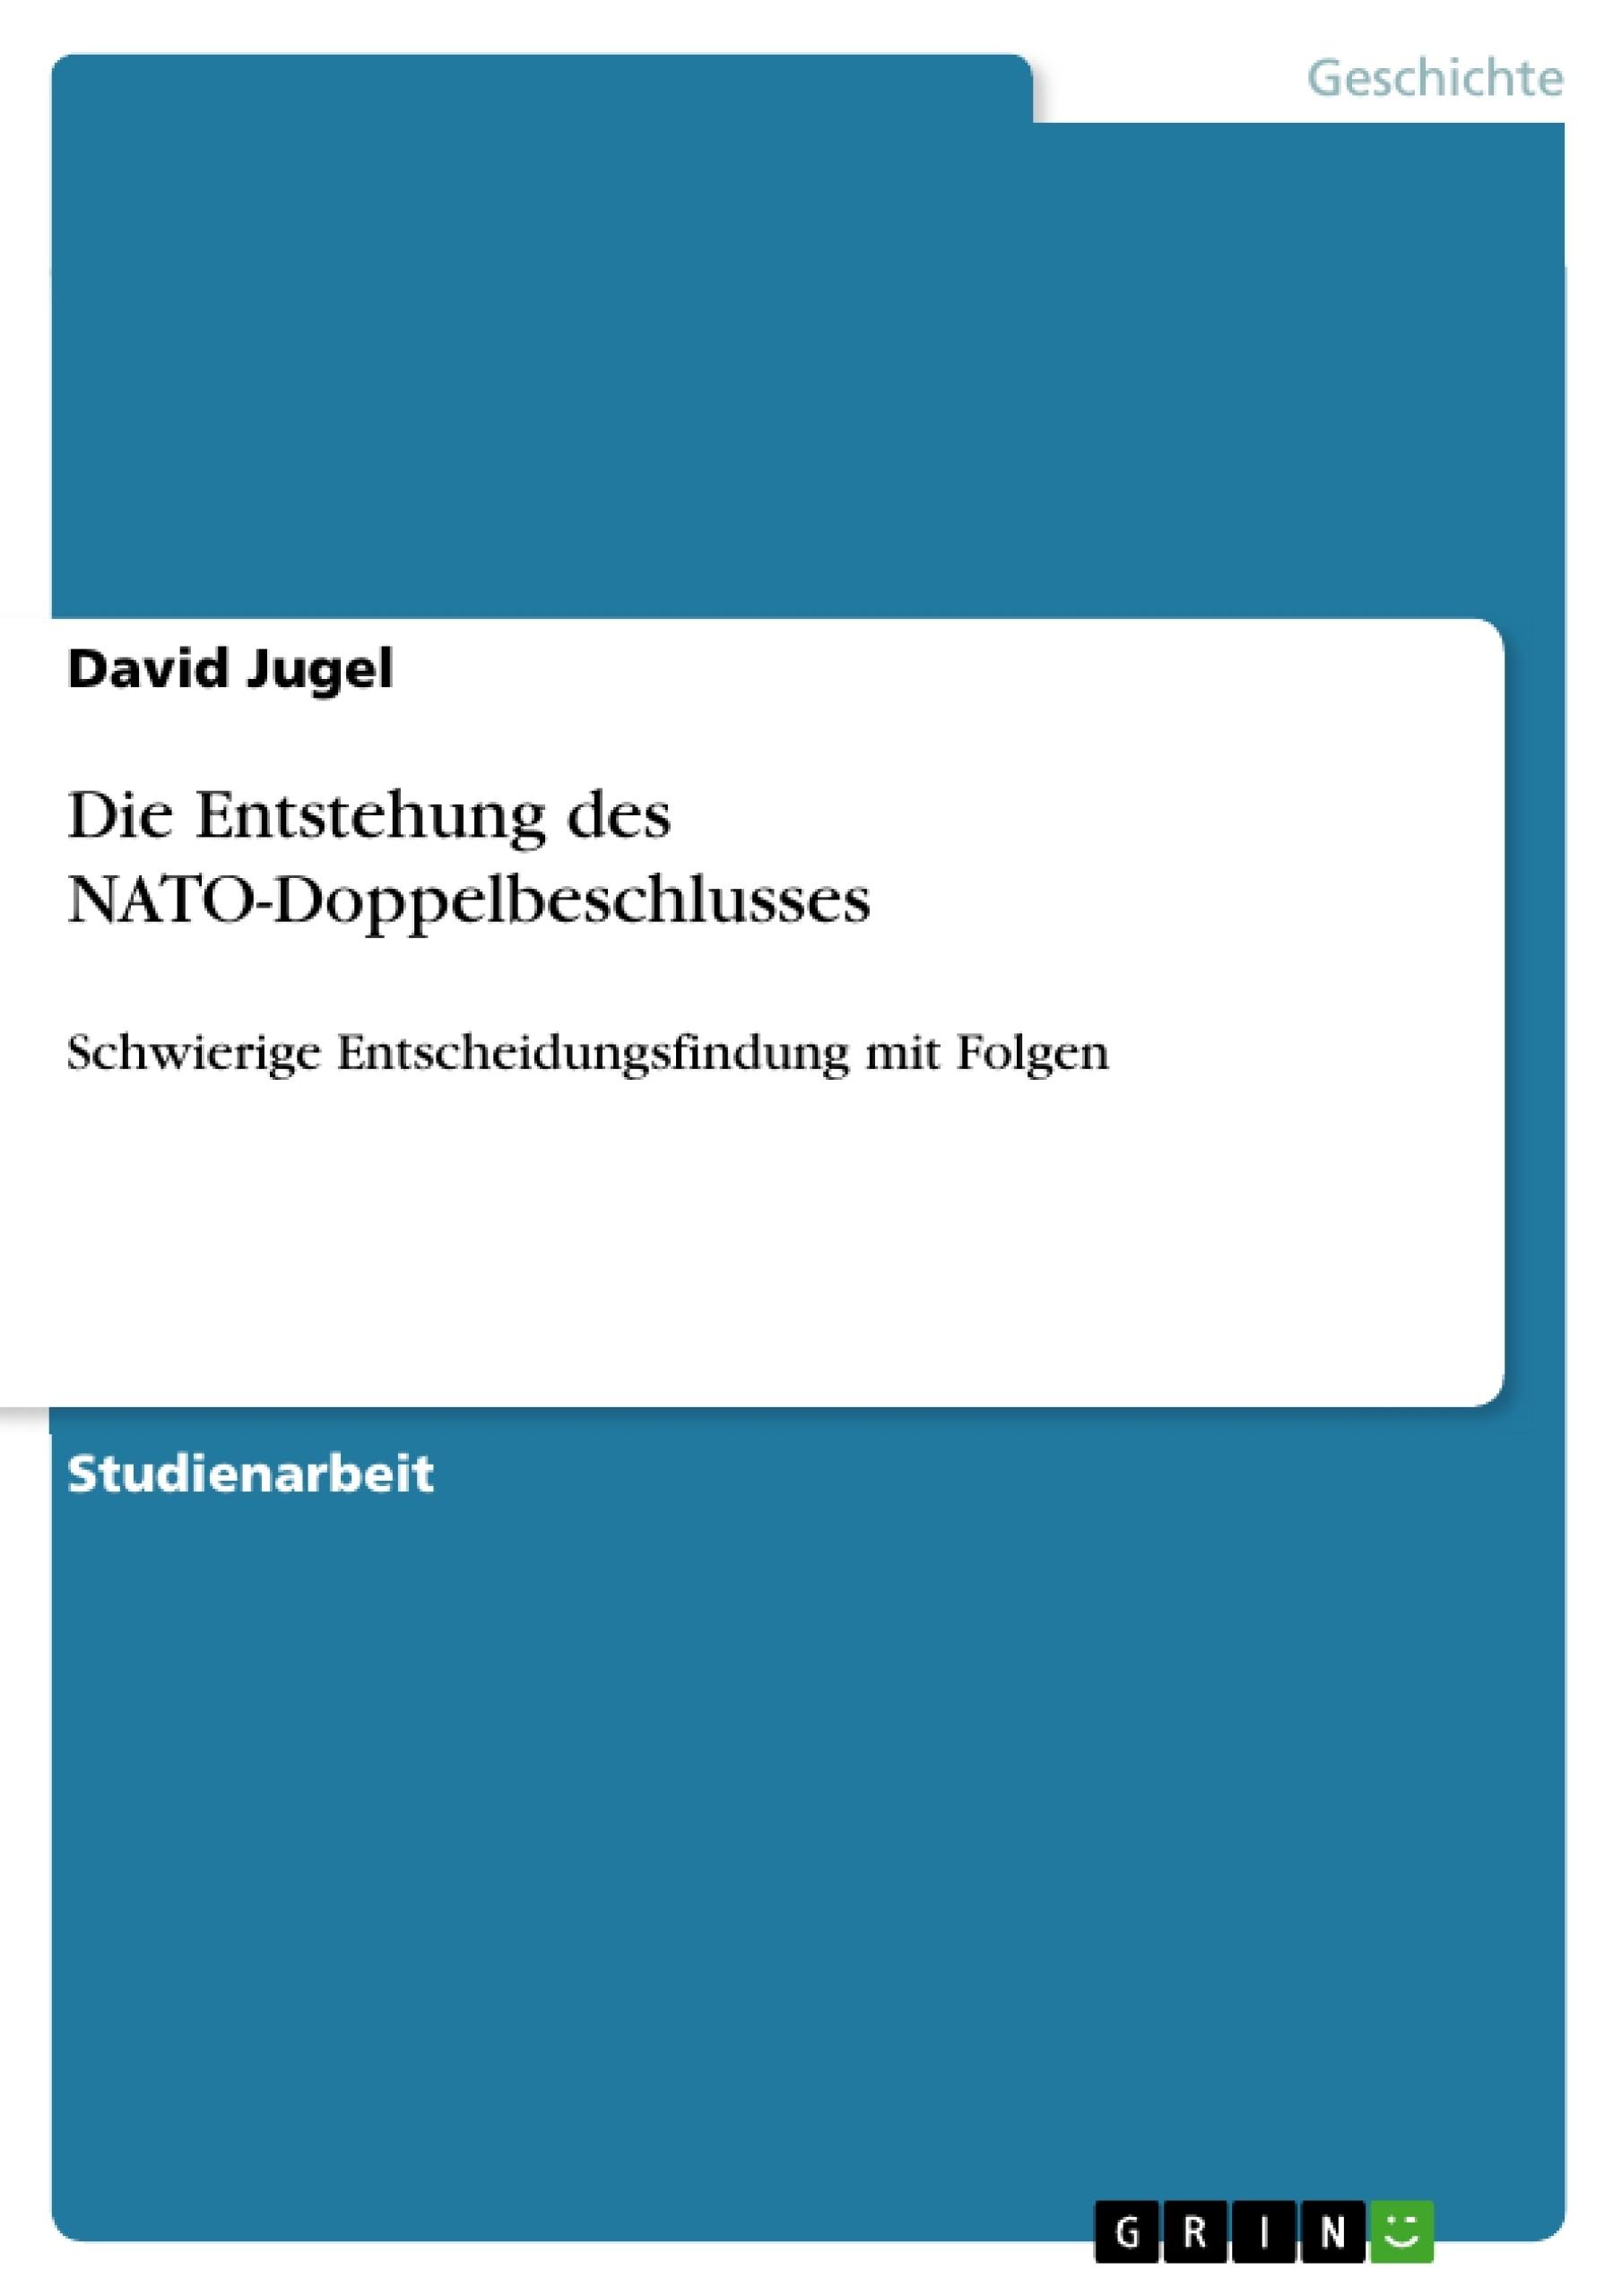 Titel: Die Entstehung des NATO-Doppelbeschlusses